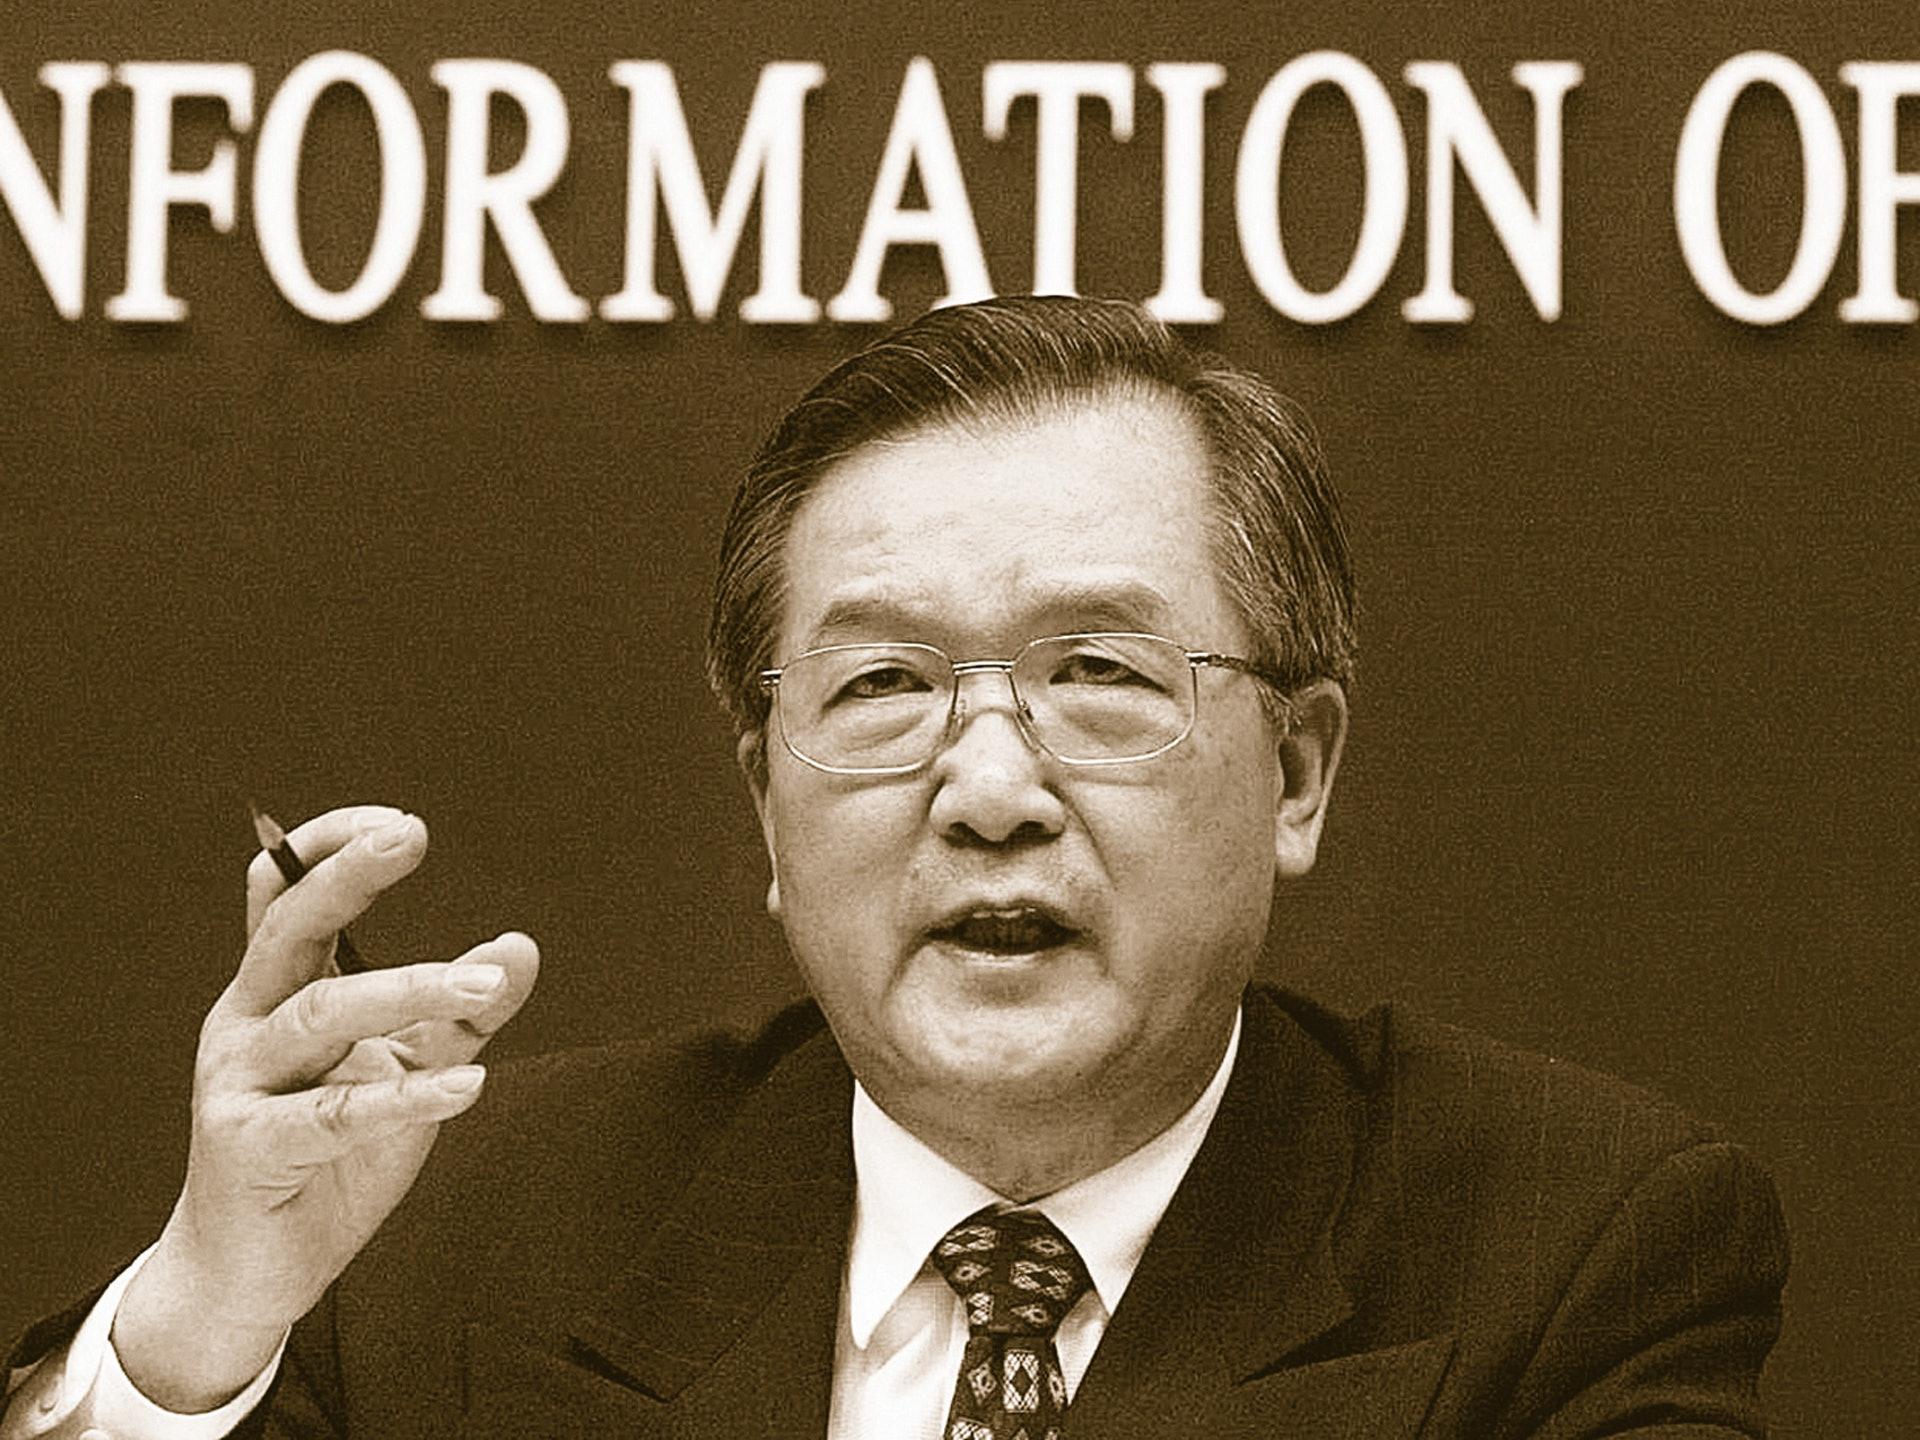 因SARS事件处理不力,中国卫生部部长张文康被免职。(AFP)